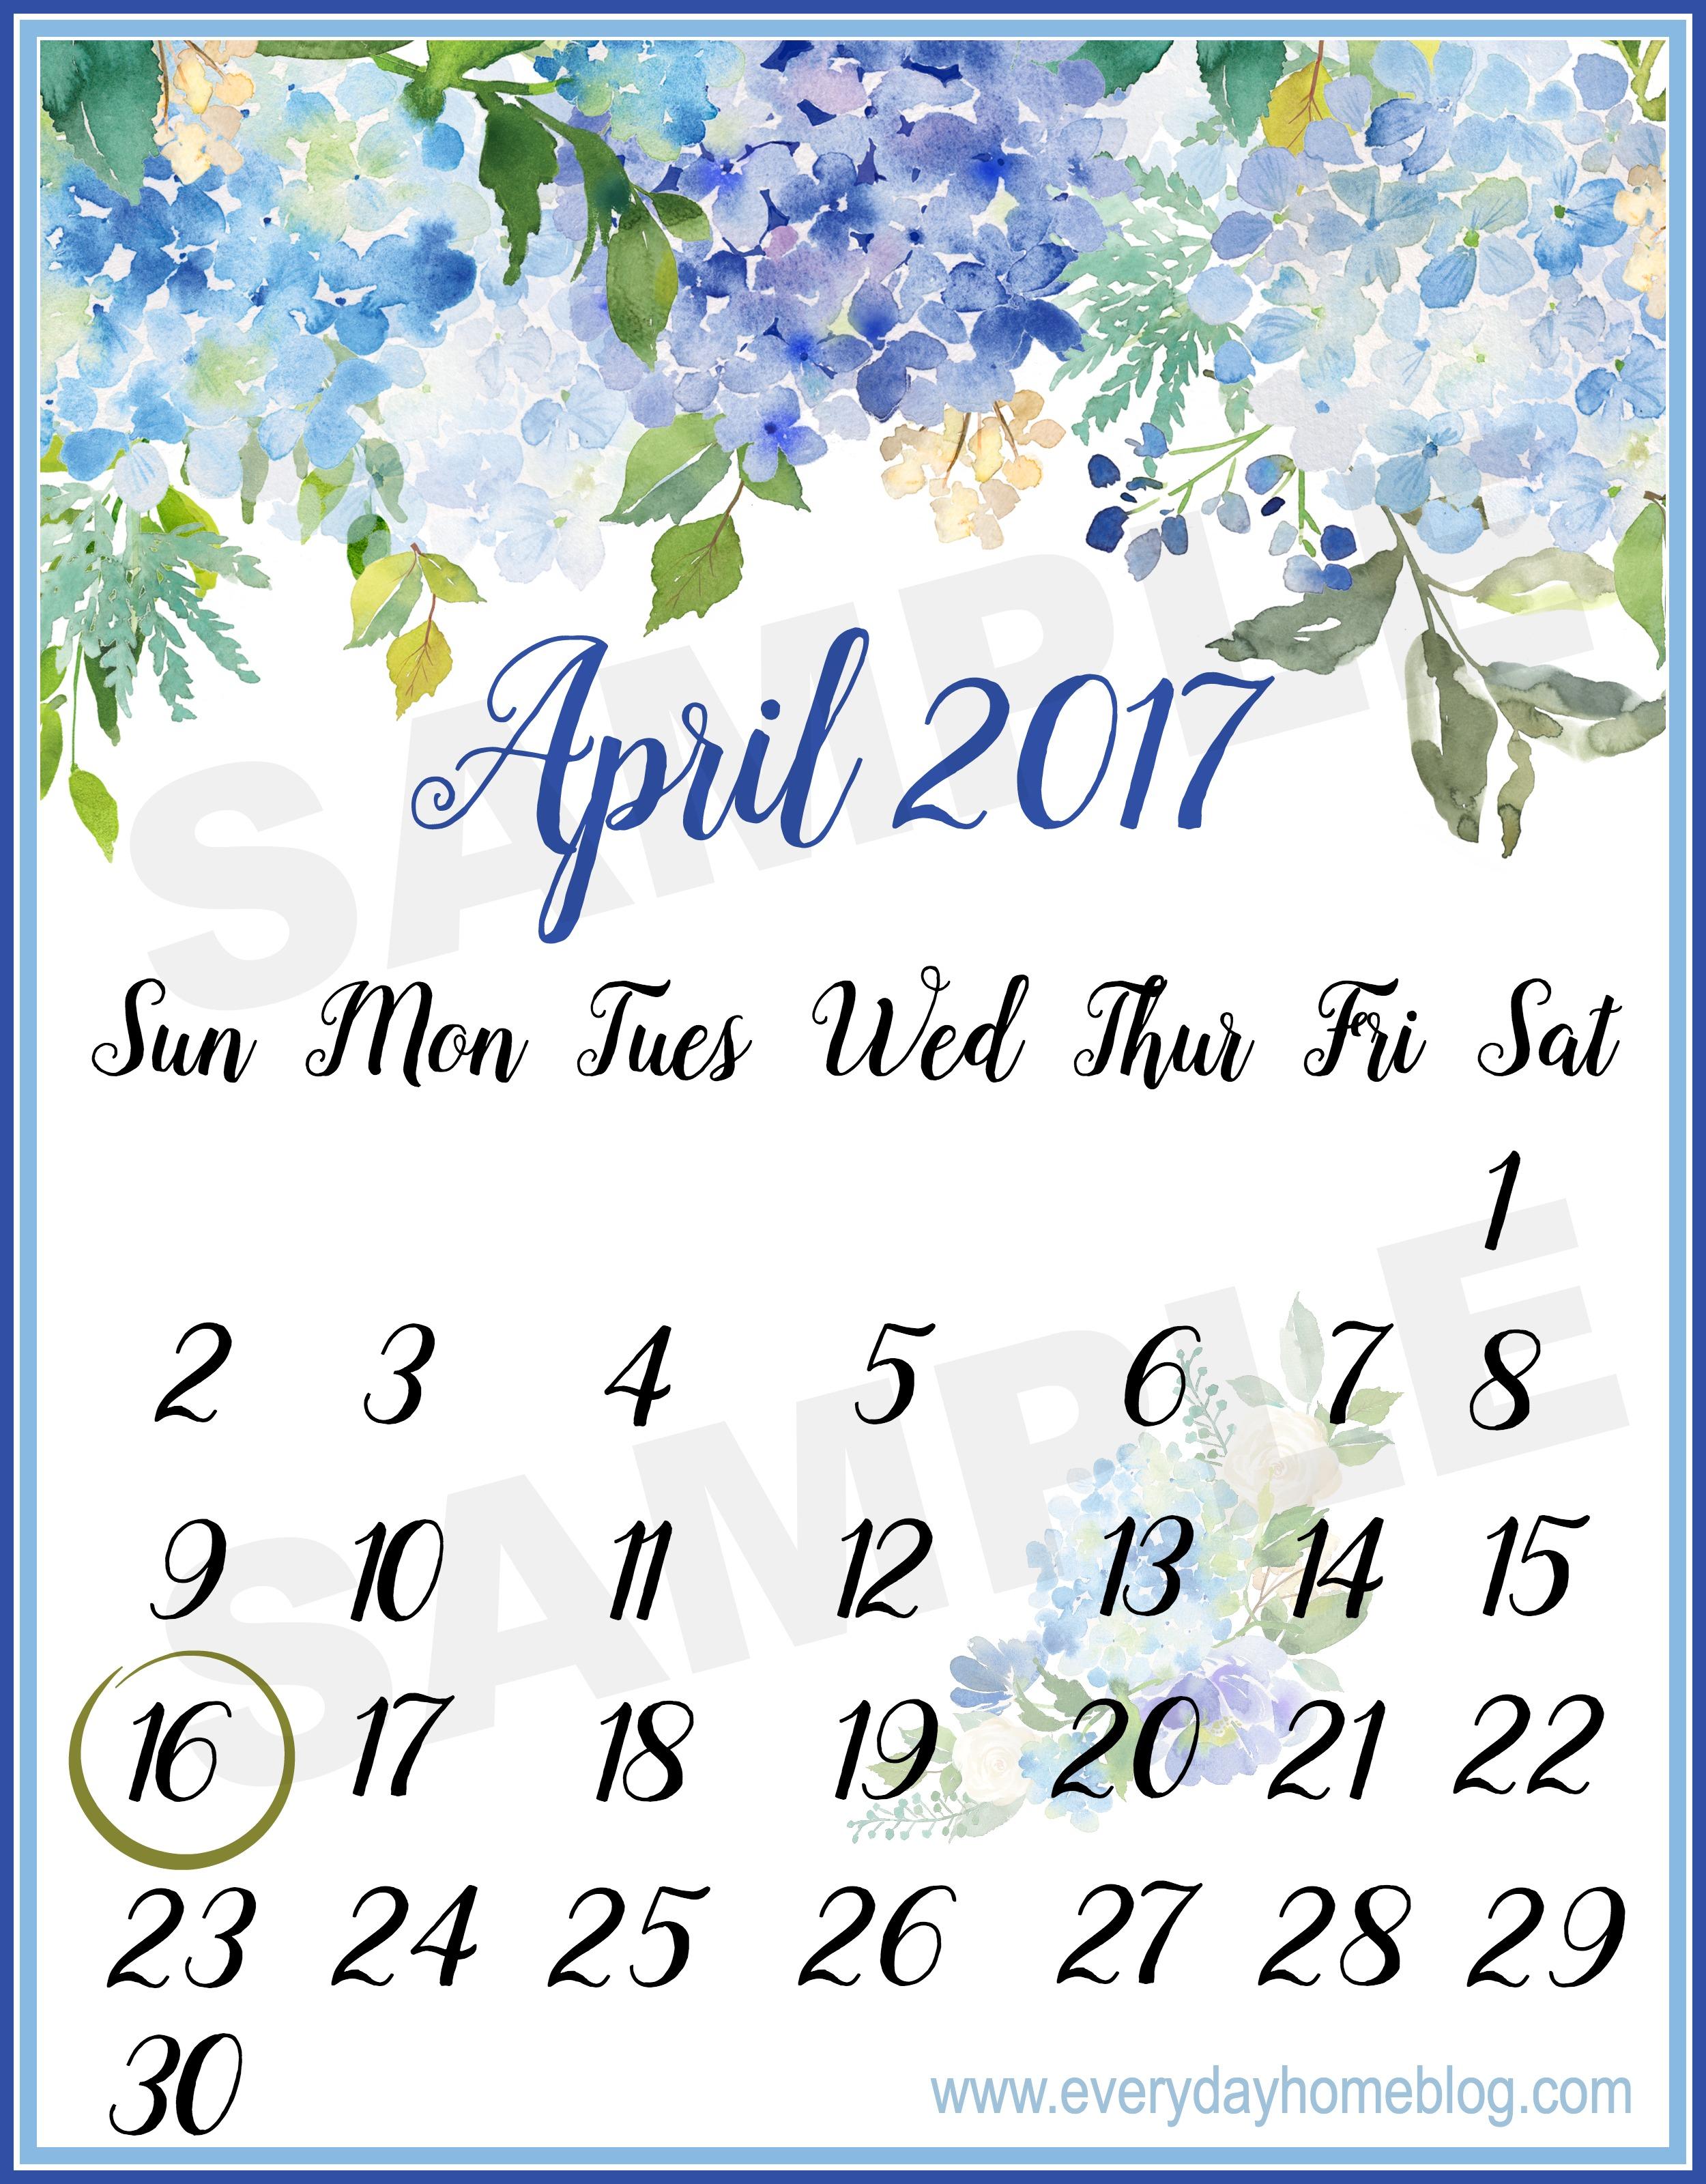 FREE April 2017 Calendar Printable | The Everyday Home | www.everydayhomeblog.com